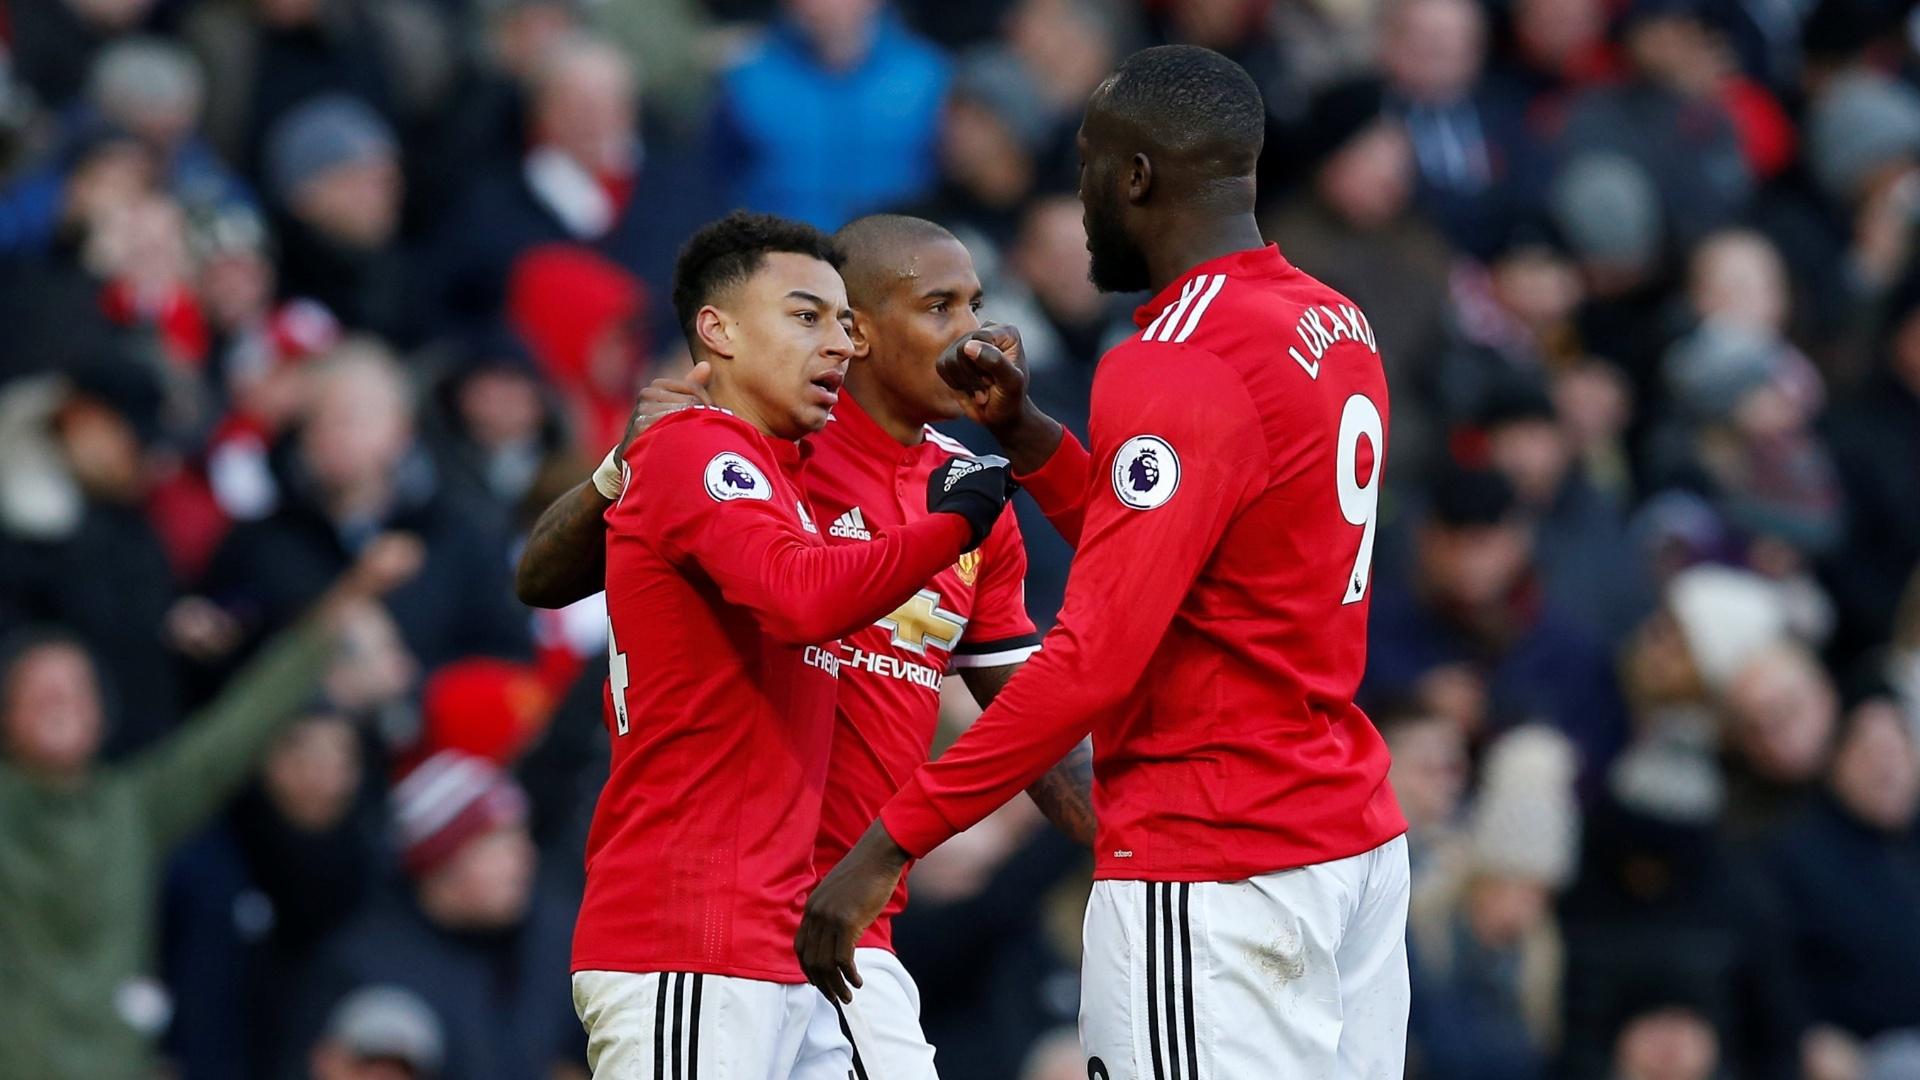 Jogadores do Manchester United comemoram gol de Lingard contra o Chelsea